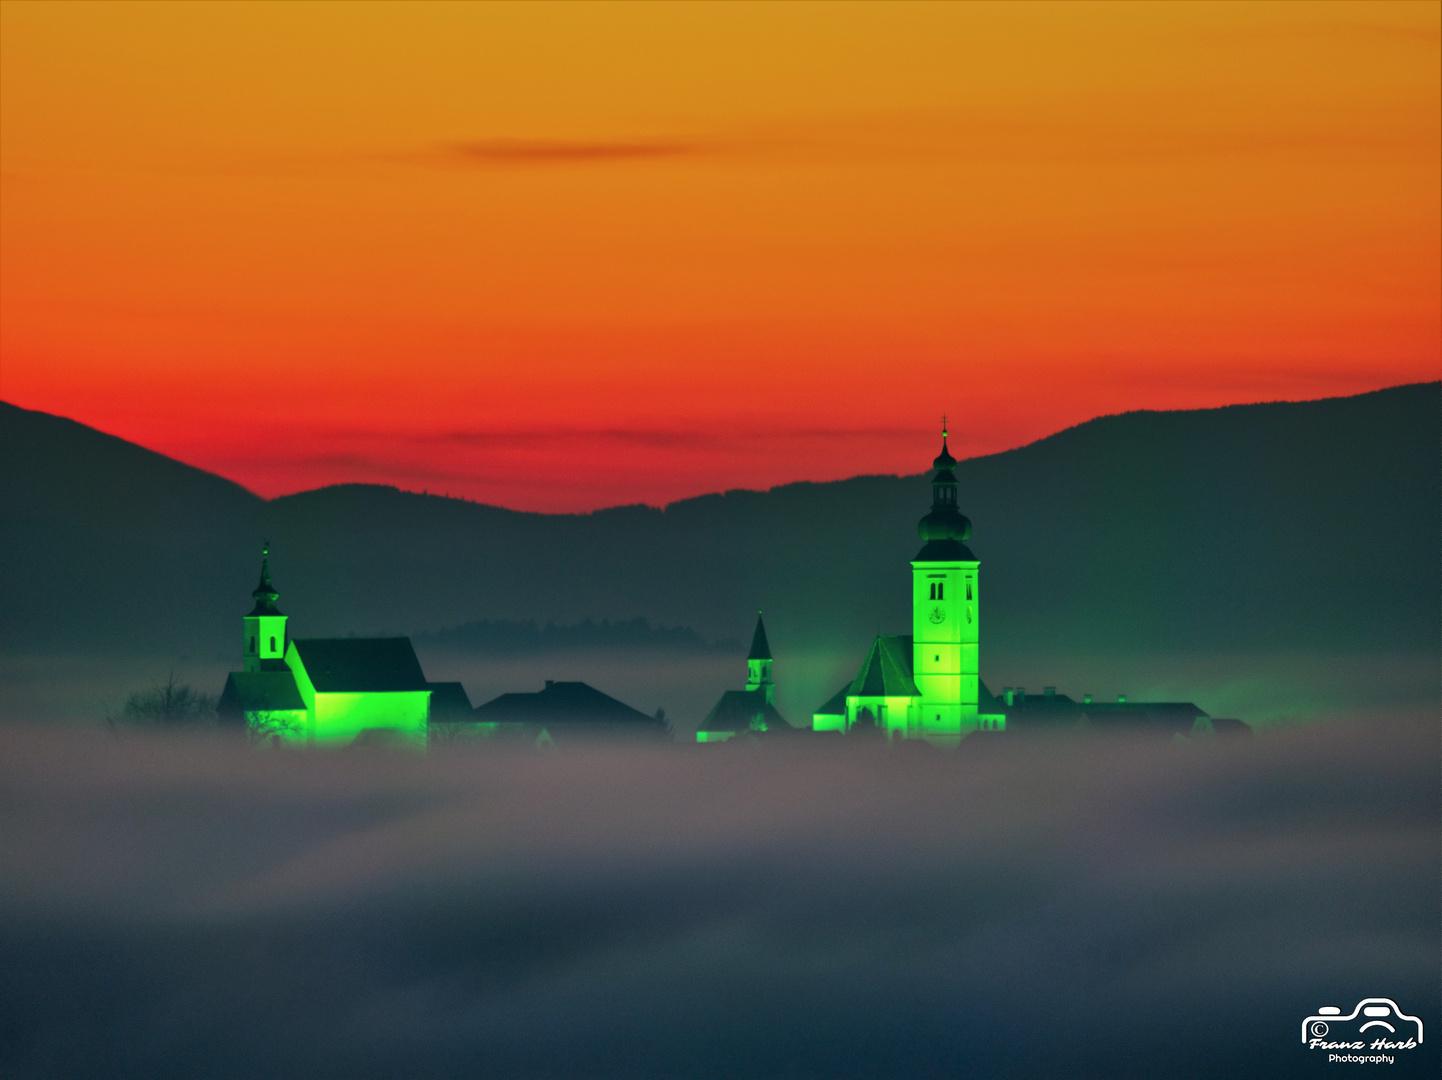 Austria, Styria, Straden: Advent in Straden mit seinen 4 Kirchen auf einem erloschenen Vulkan erbaut